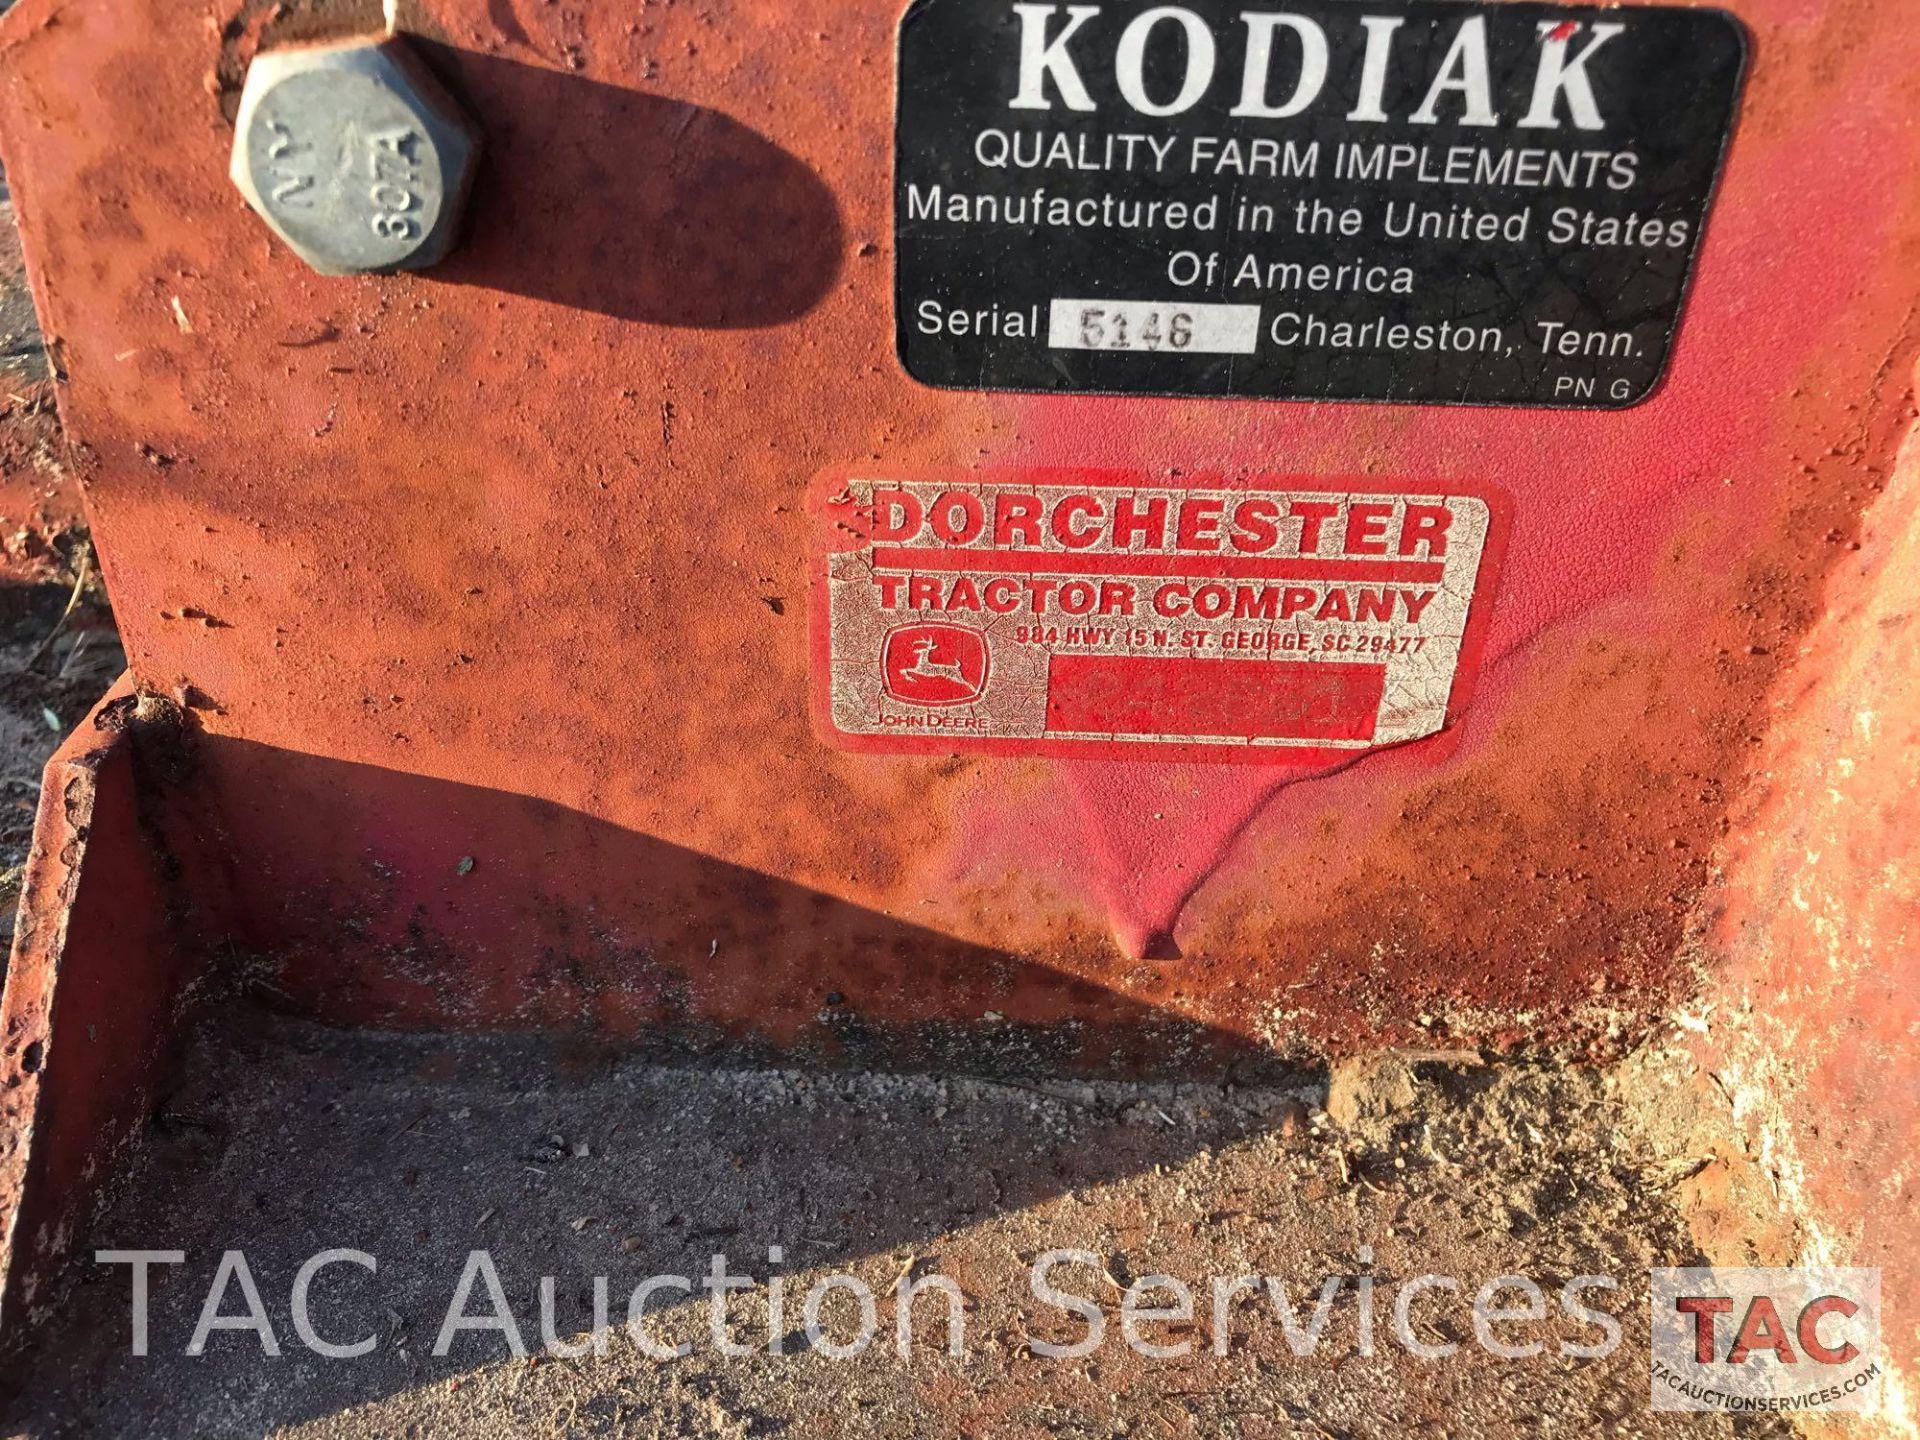 Kodiak 7ft Rotary Cutter - Image 8 of 10